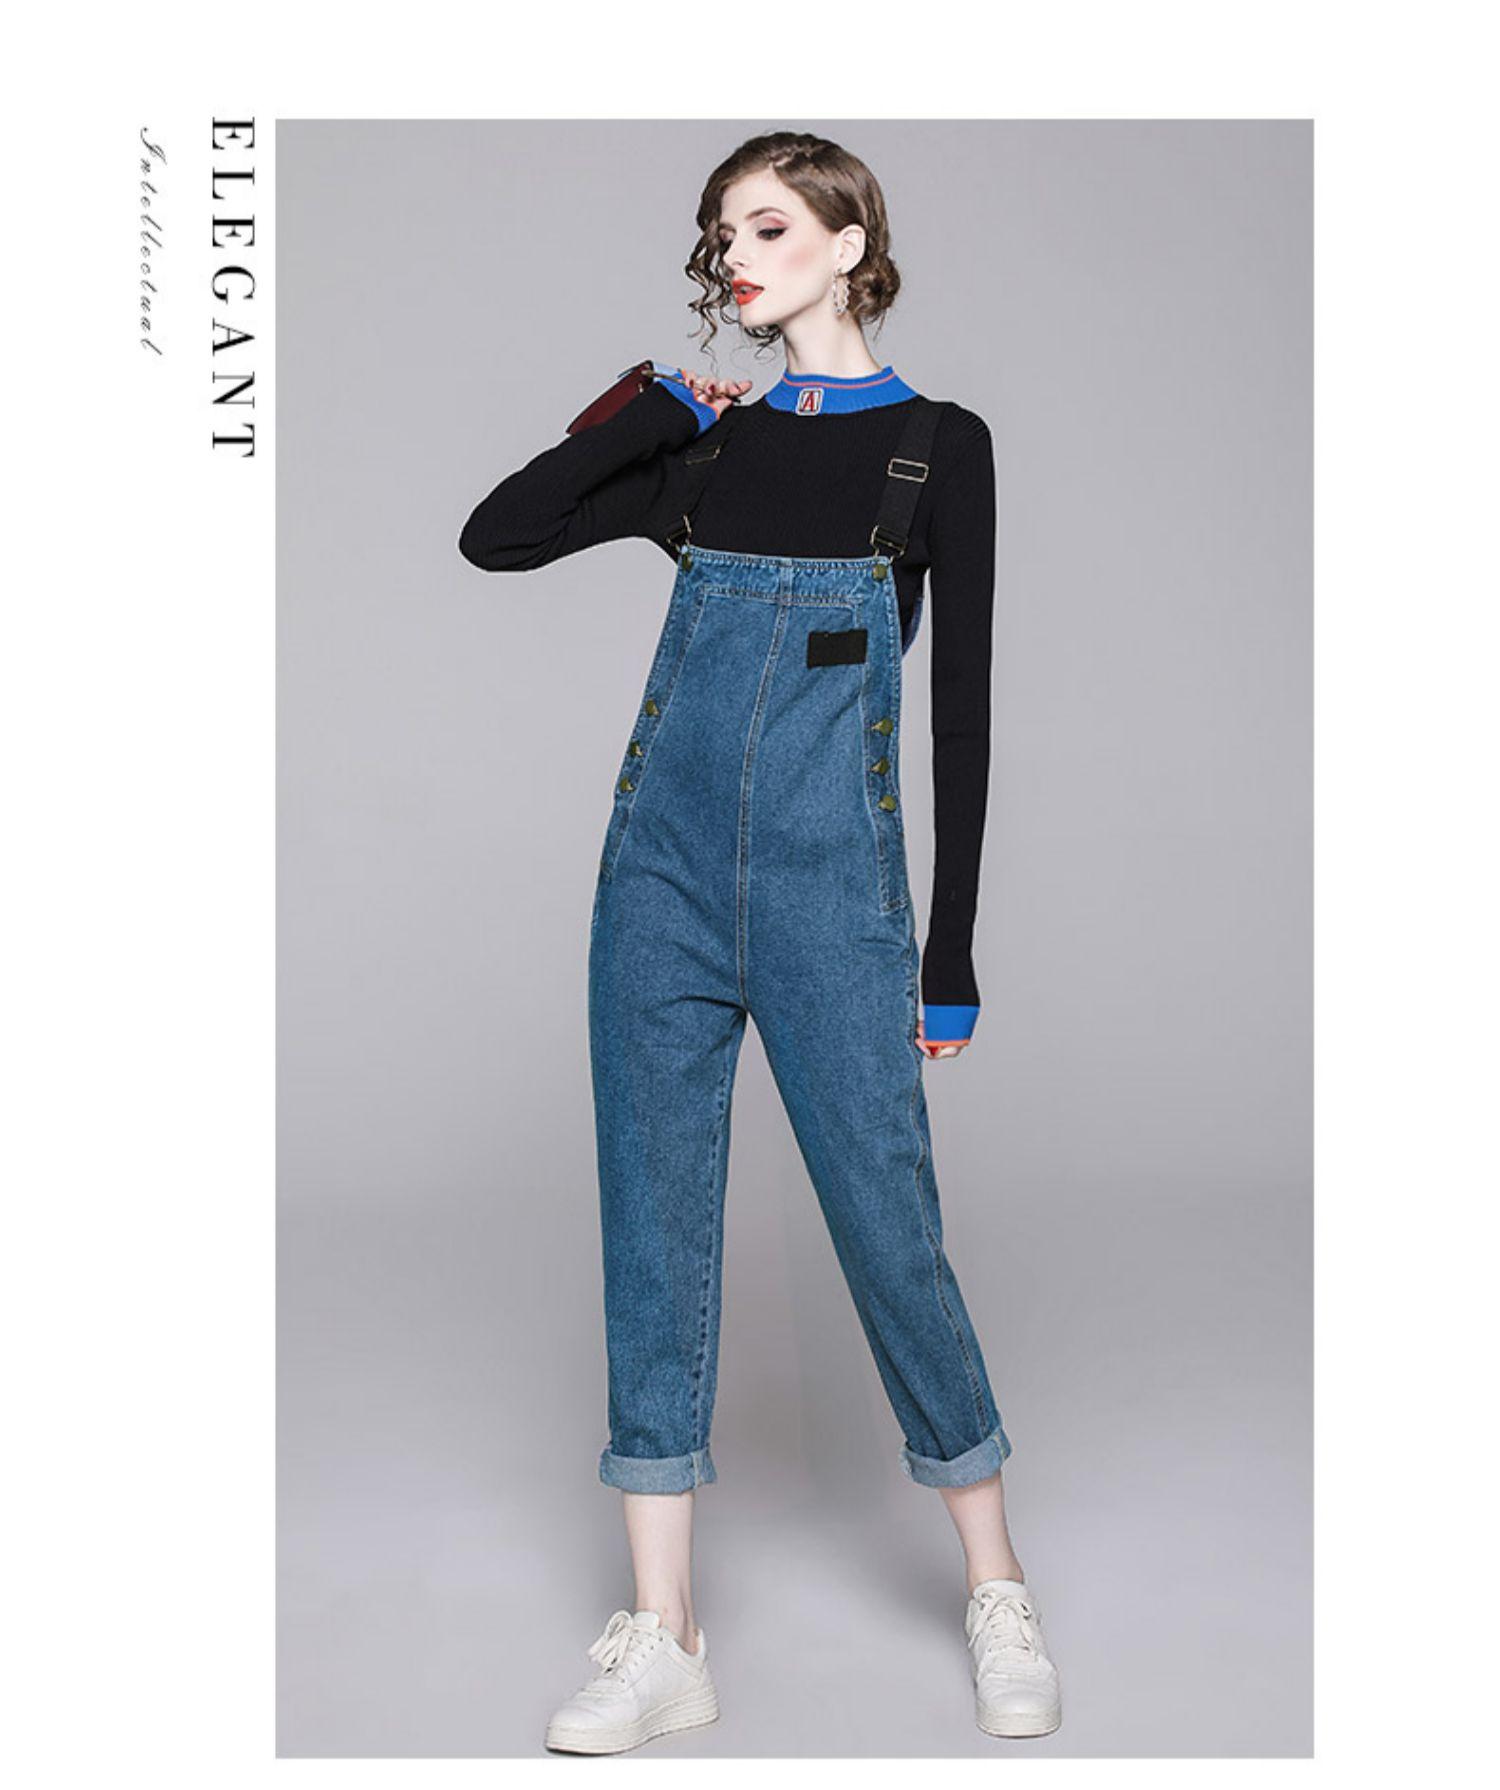 2020新款女春装潮帅气减龄长袖毛衣背带牛仔裤两件套休闲时尚套装商品详情图